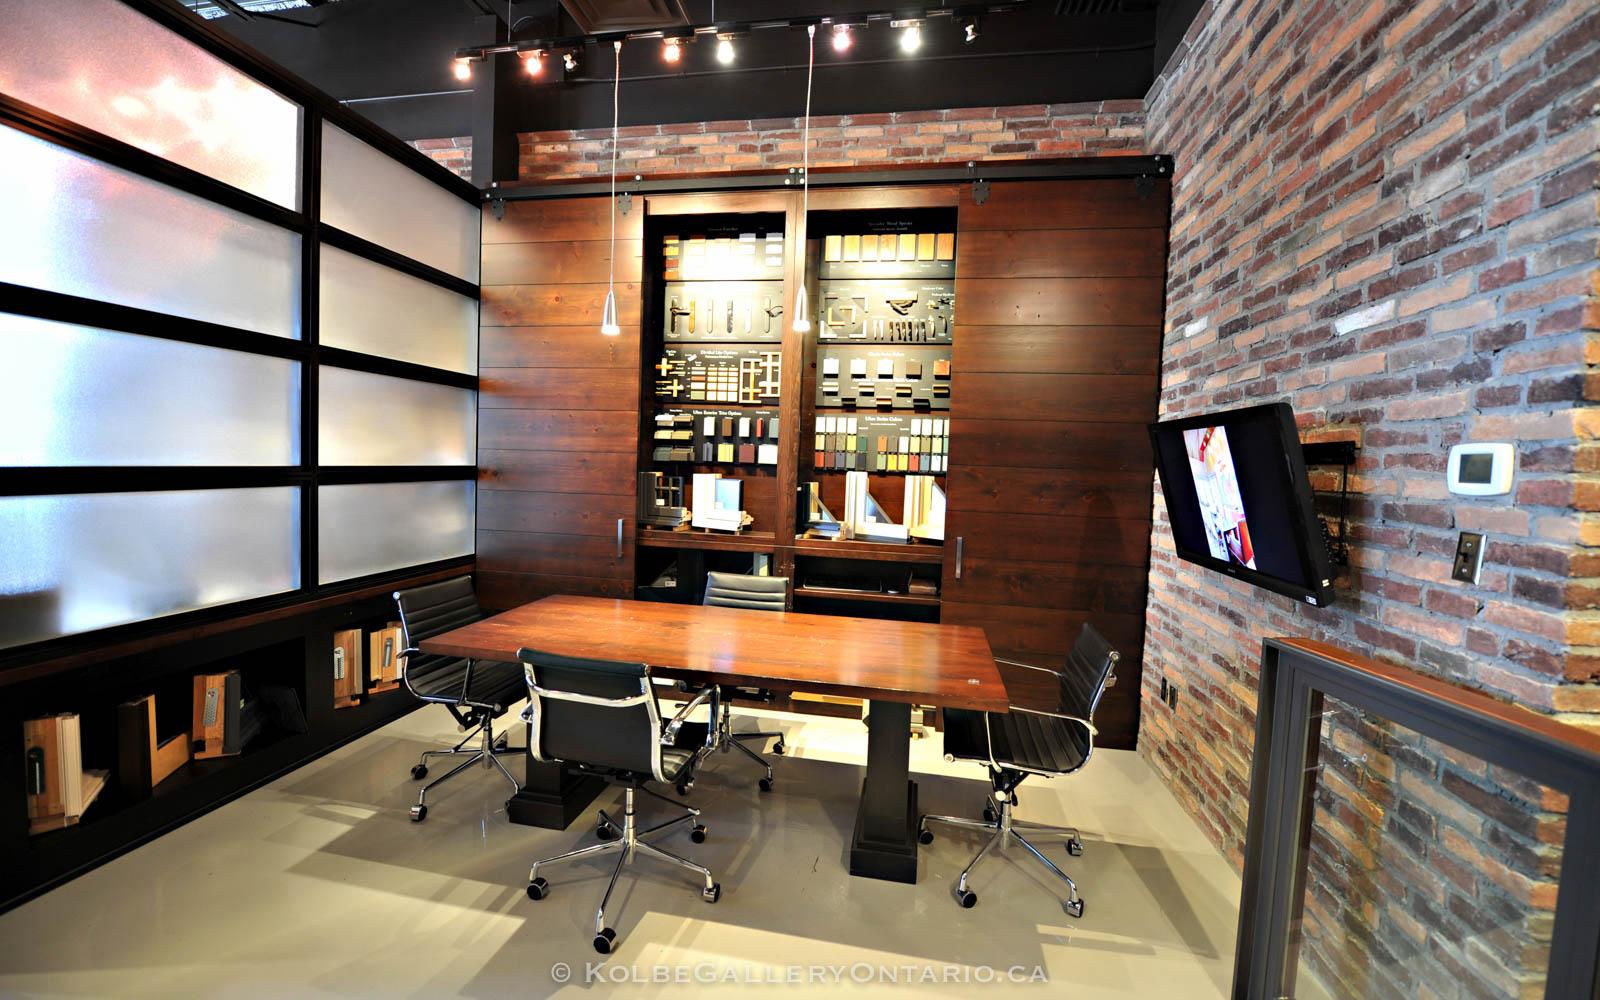 KolbeGalleryOntario.ca-windows-and-doors-Oakville-showroom-20120510-095849